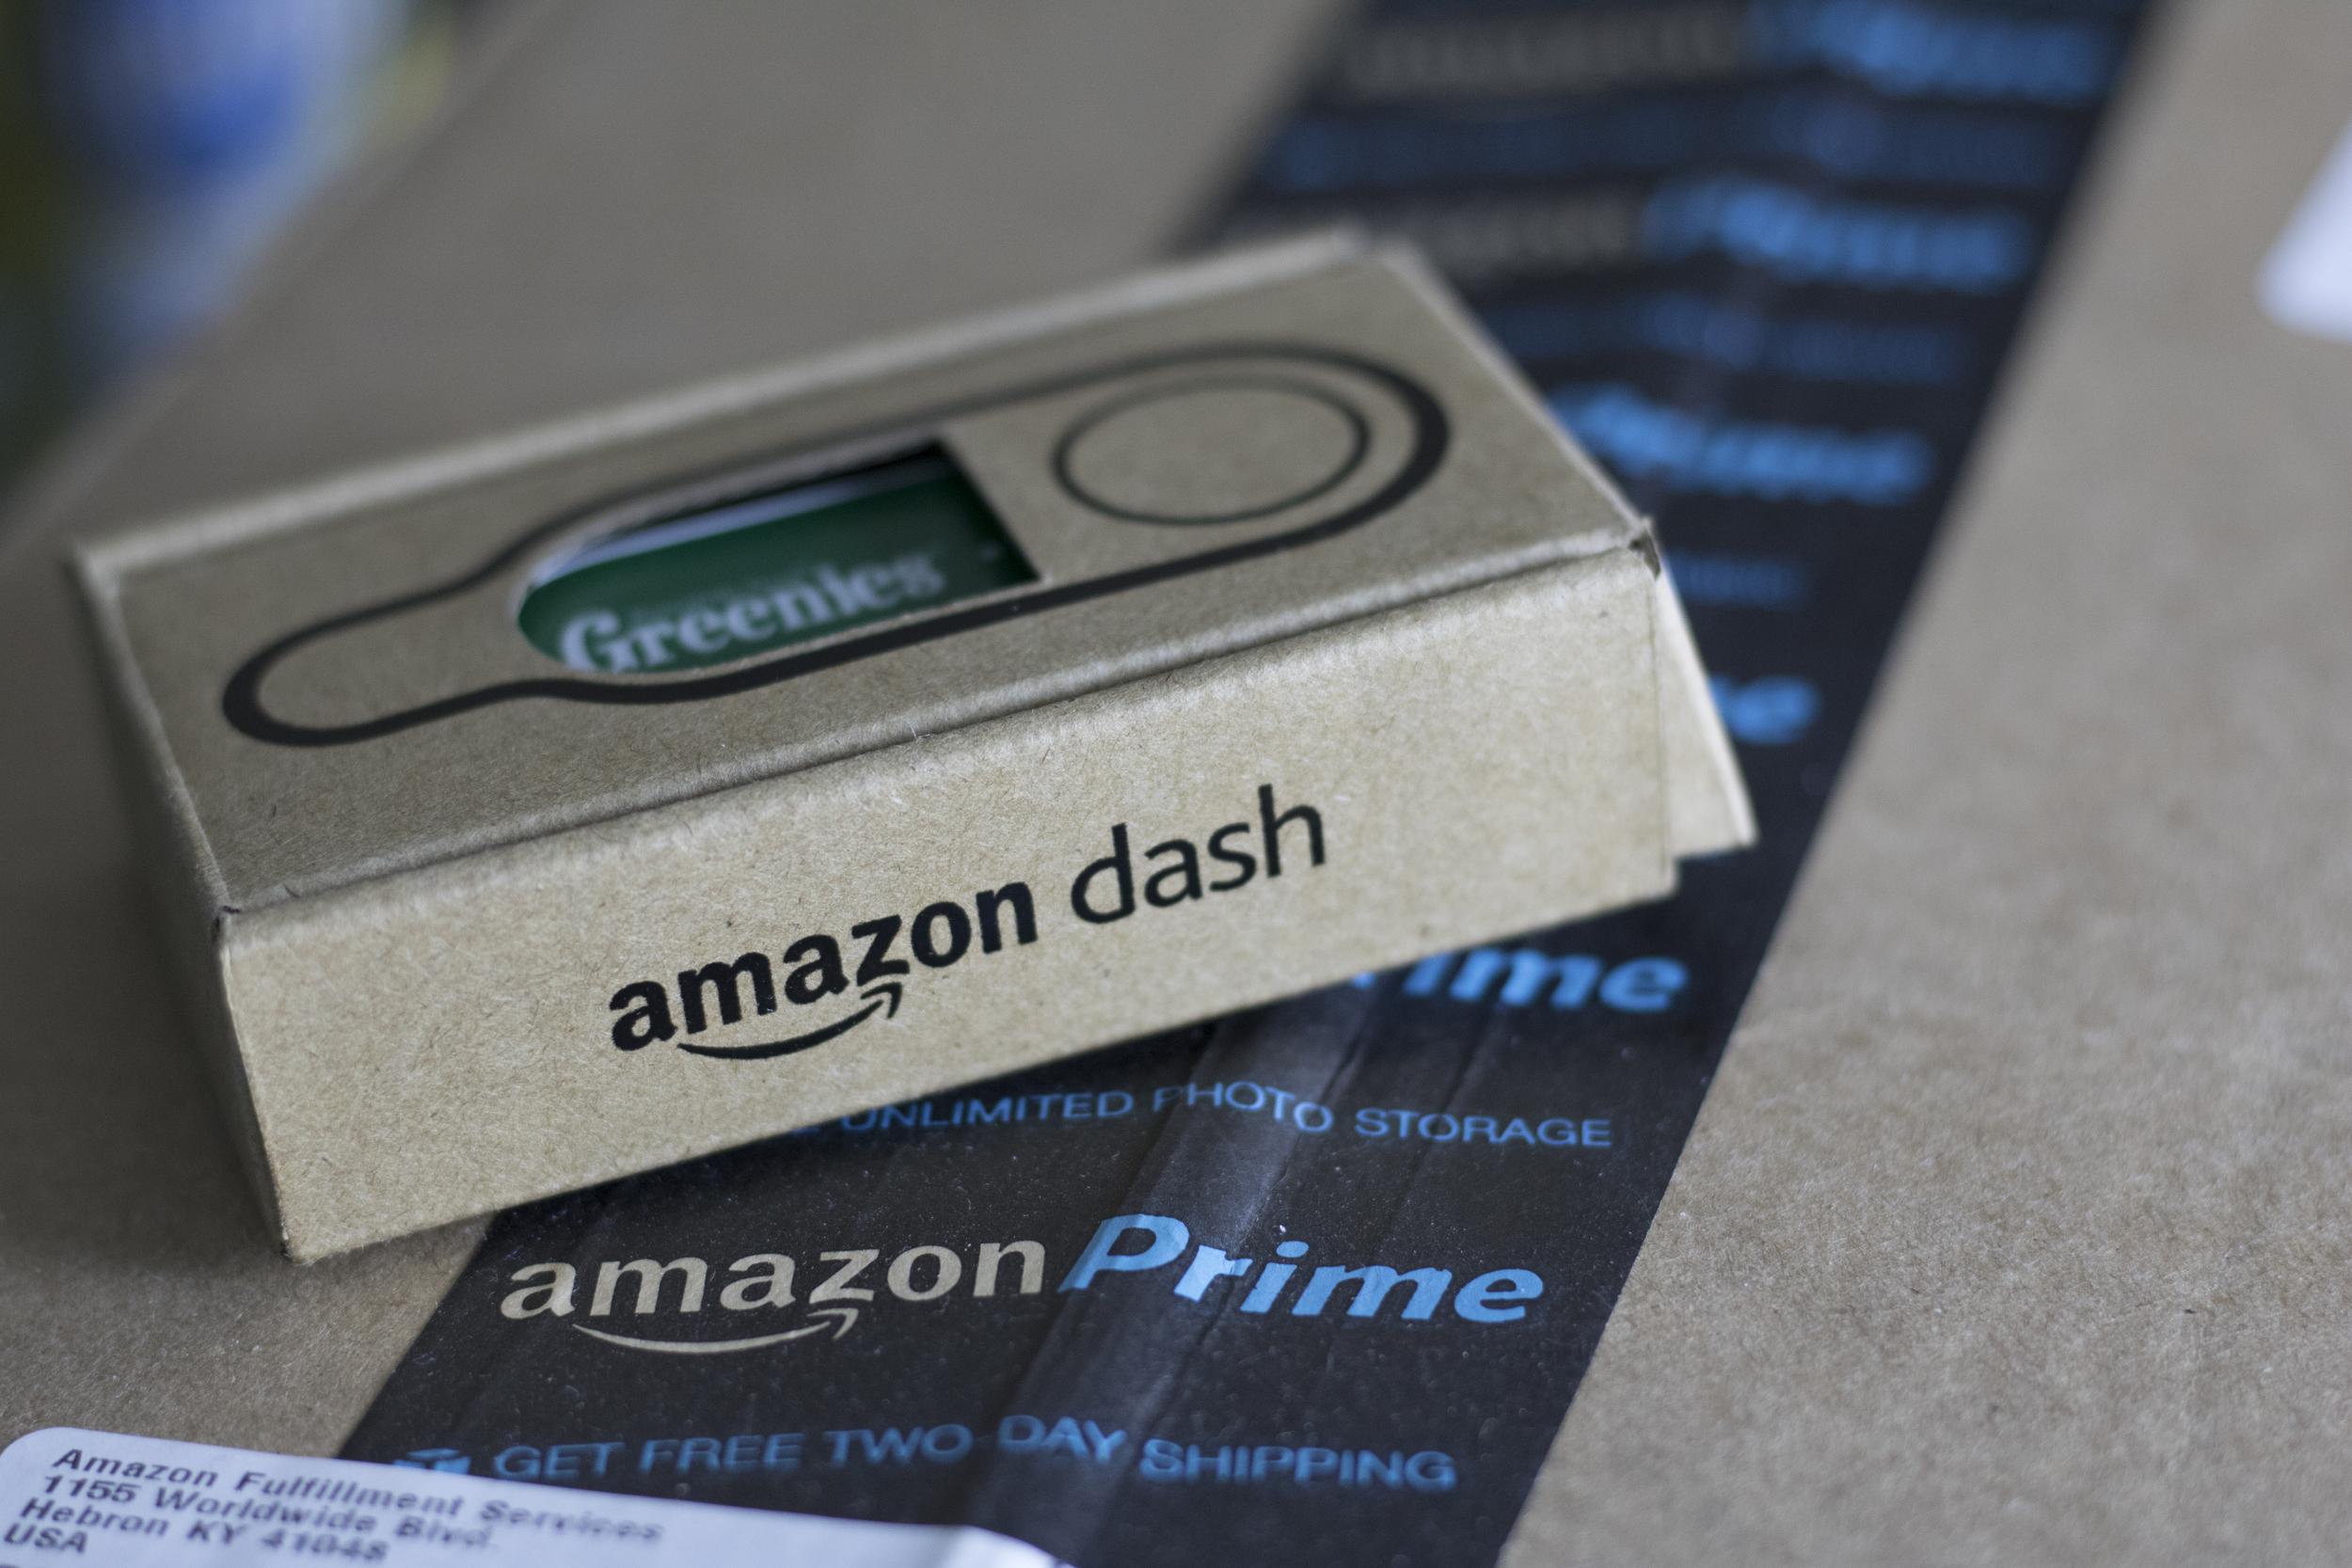 Amazon Dash Button on top of an Amazon Prime Box